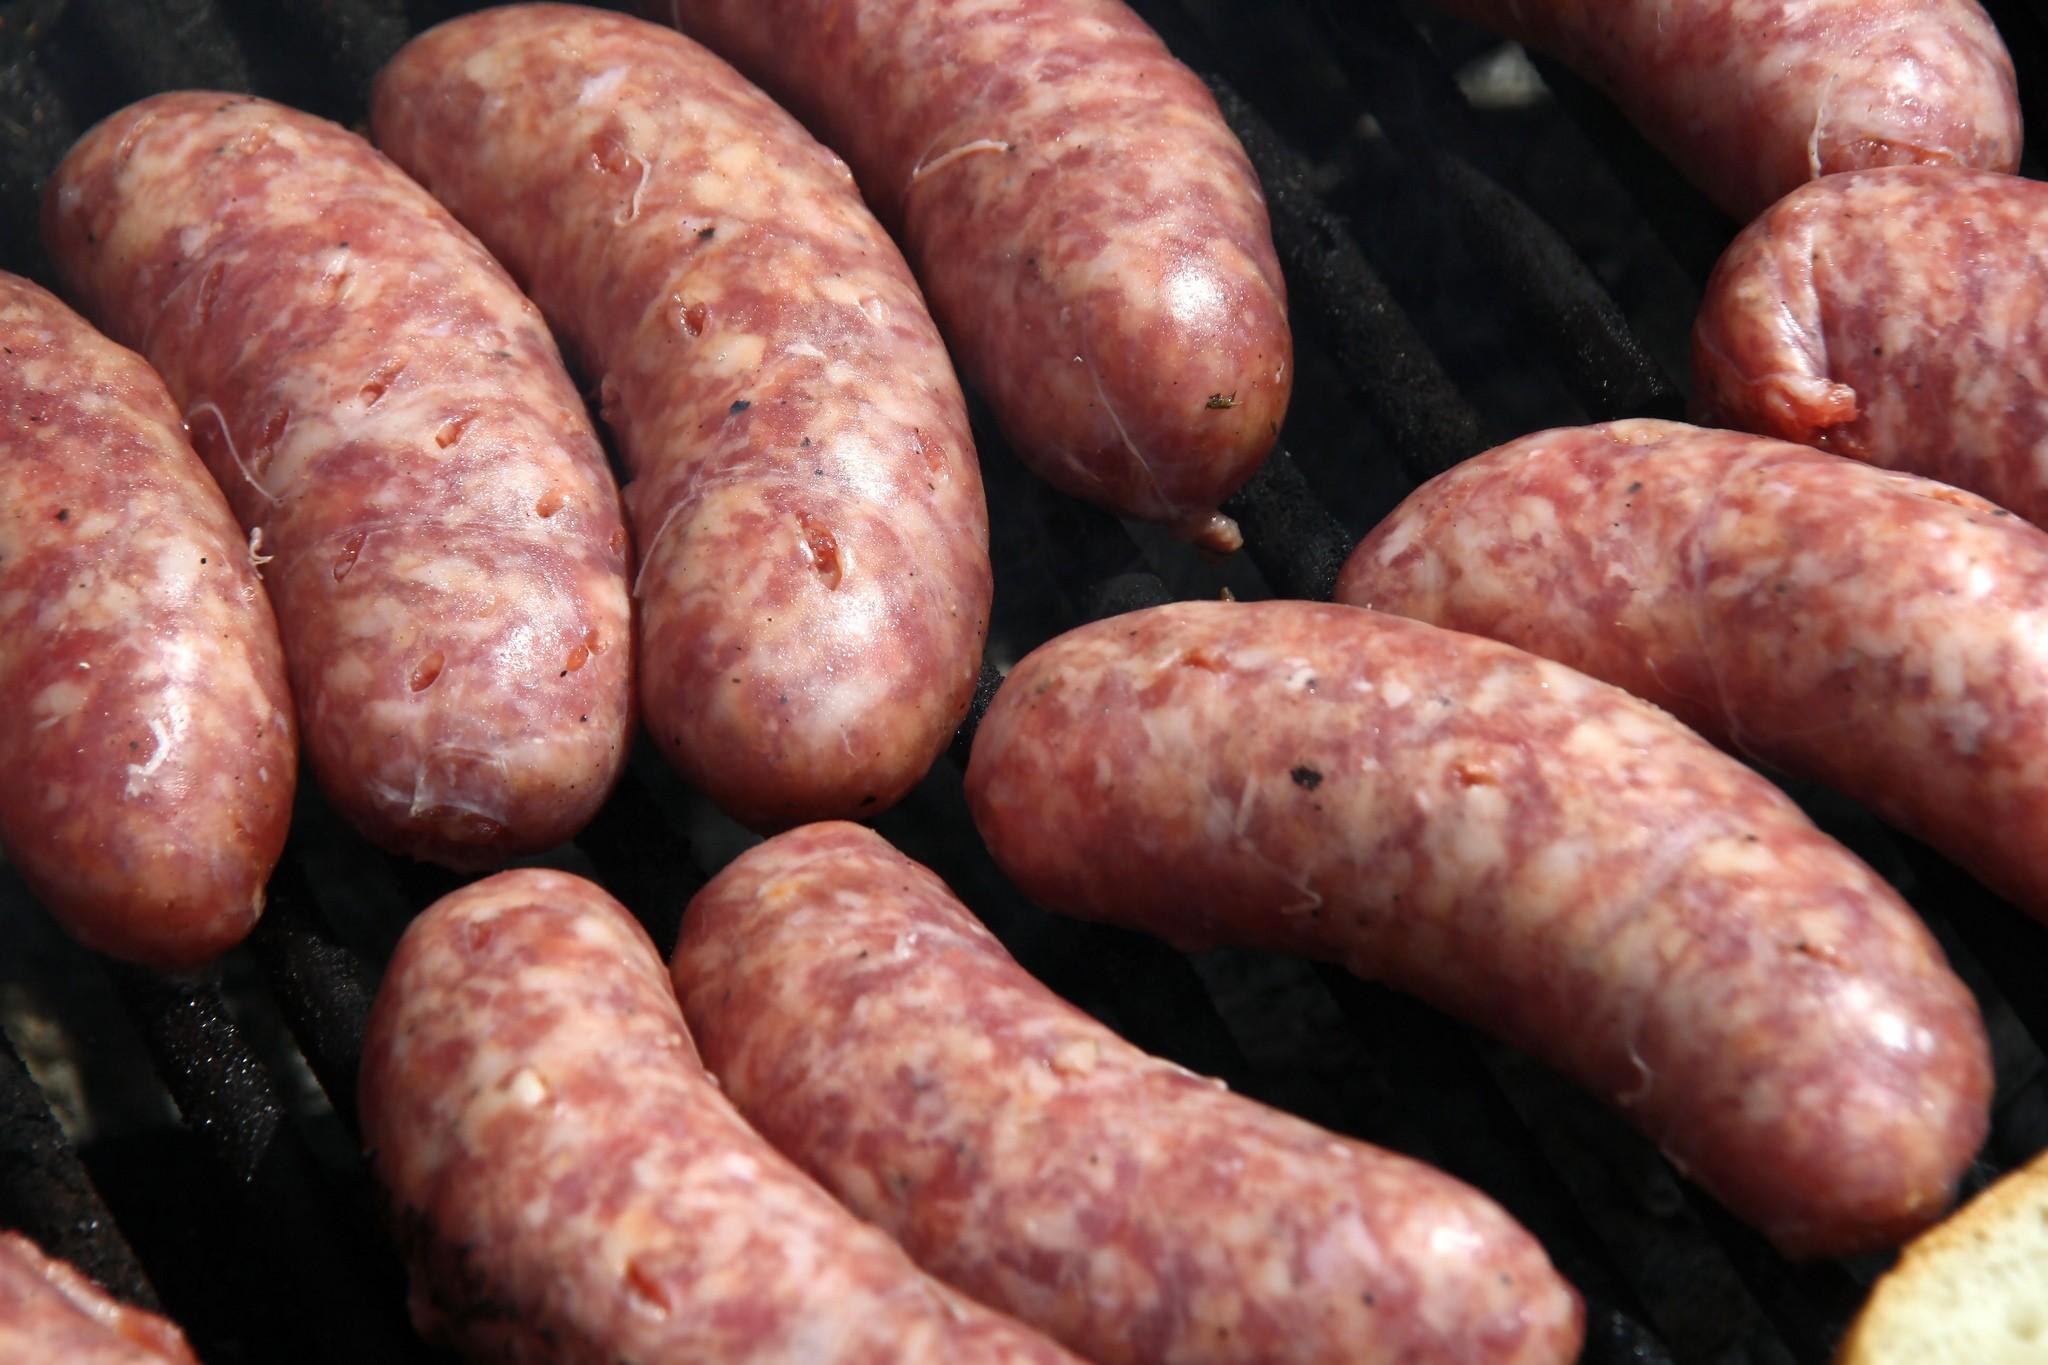 Alimentos processados aumentam o risco de mortalidade (Foto: Flickr)